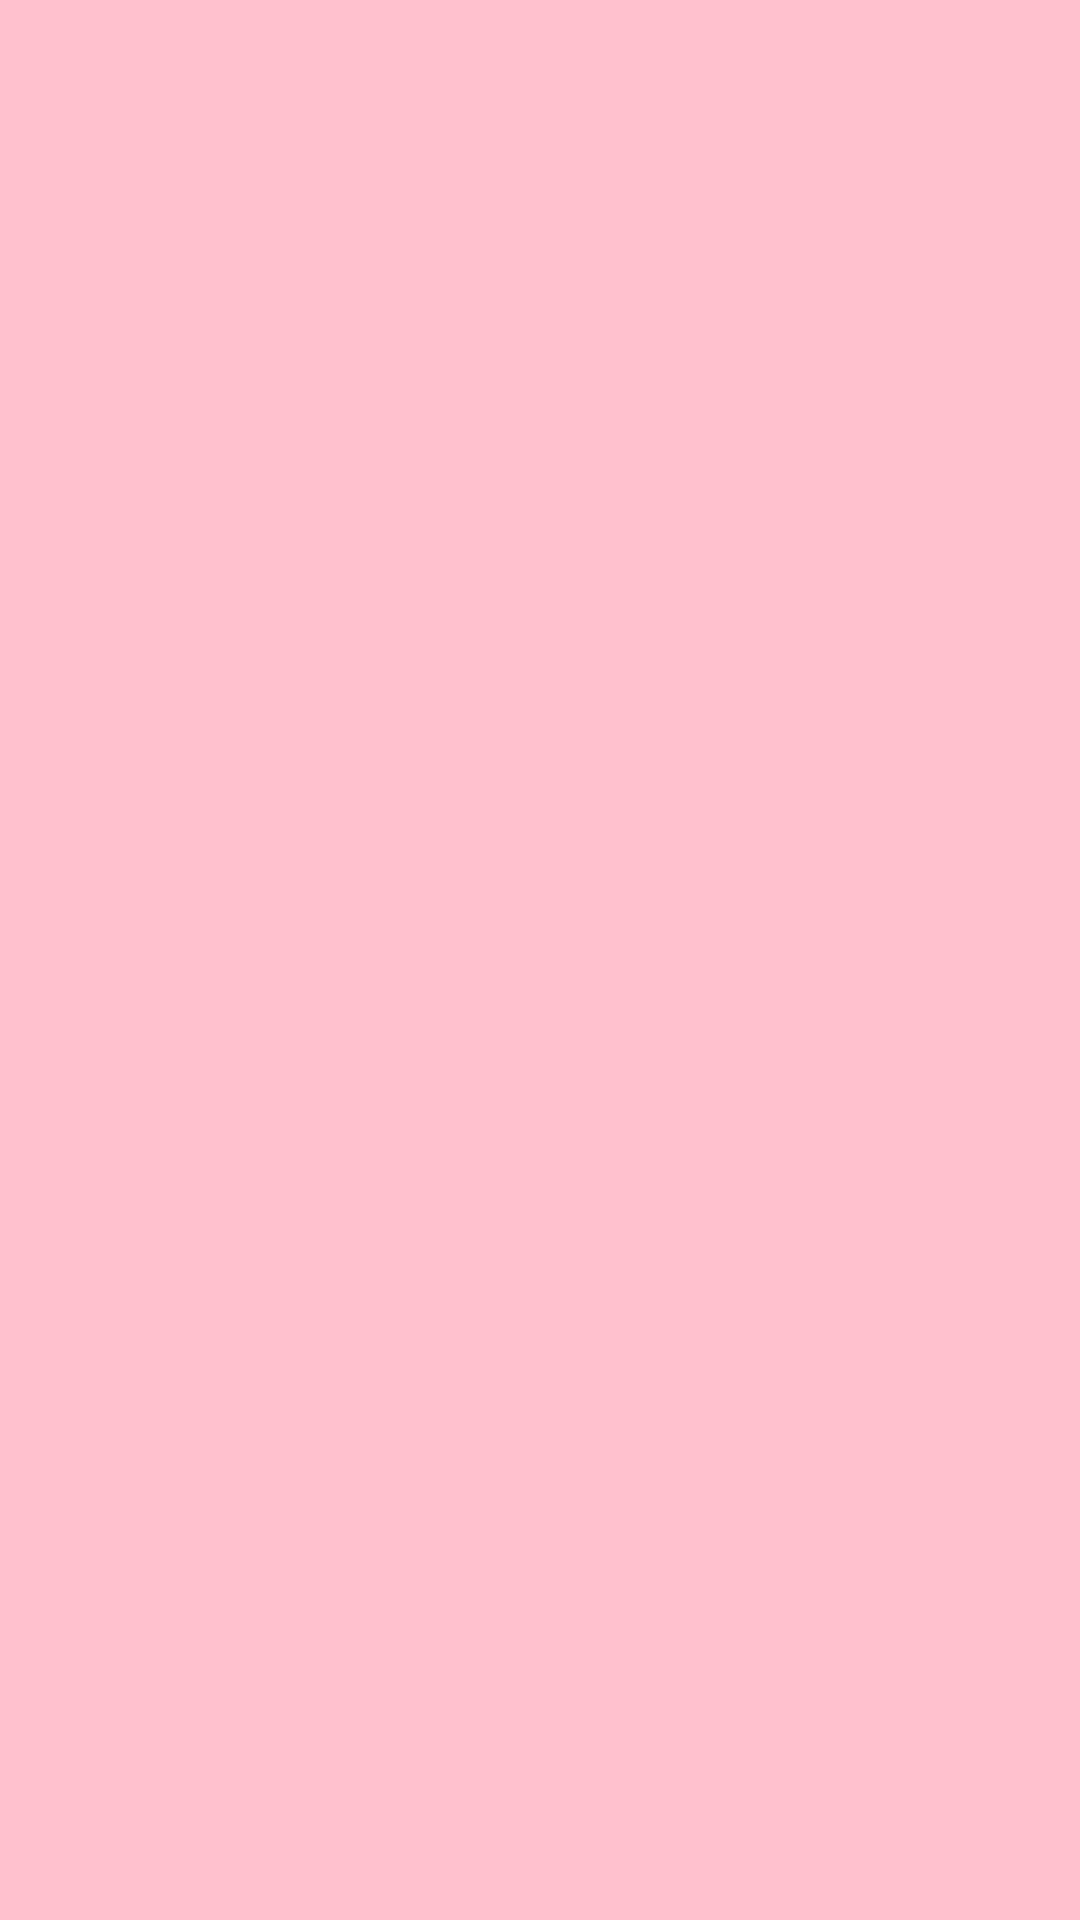 1080x1920 Bubble Gum Solid Color Background